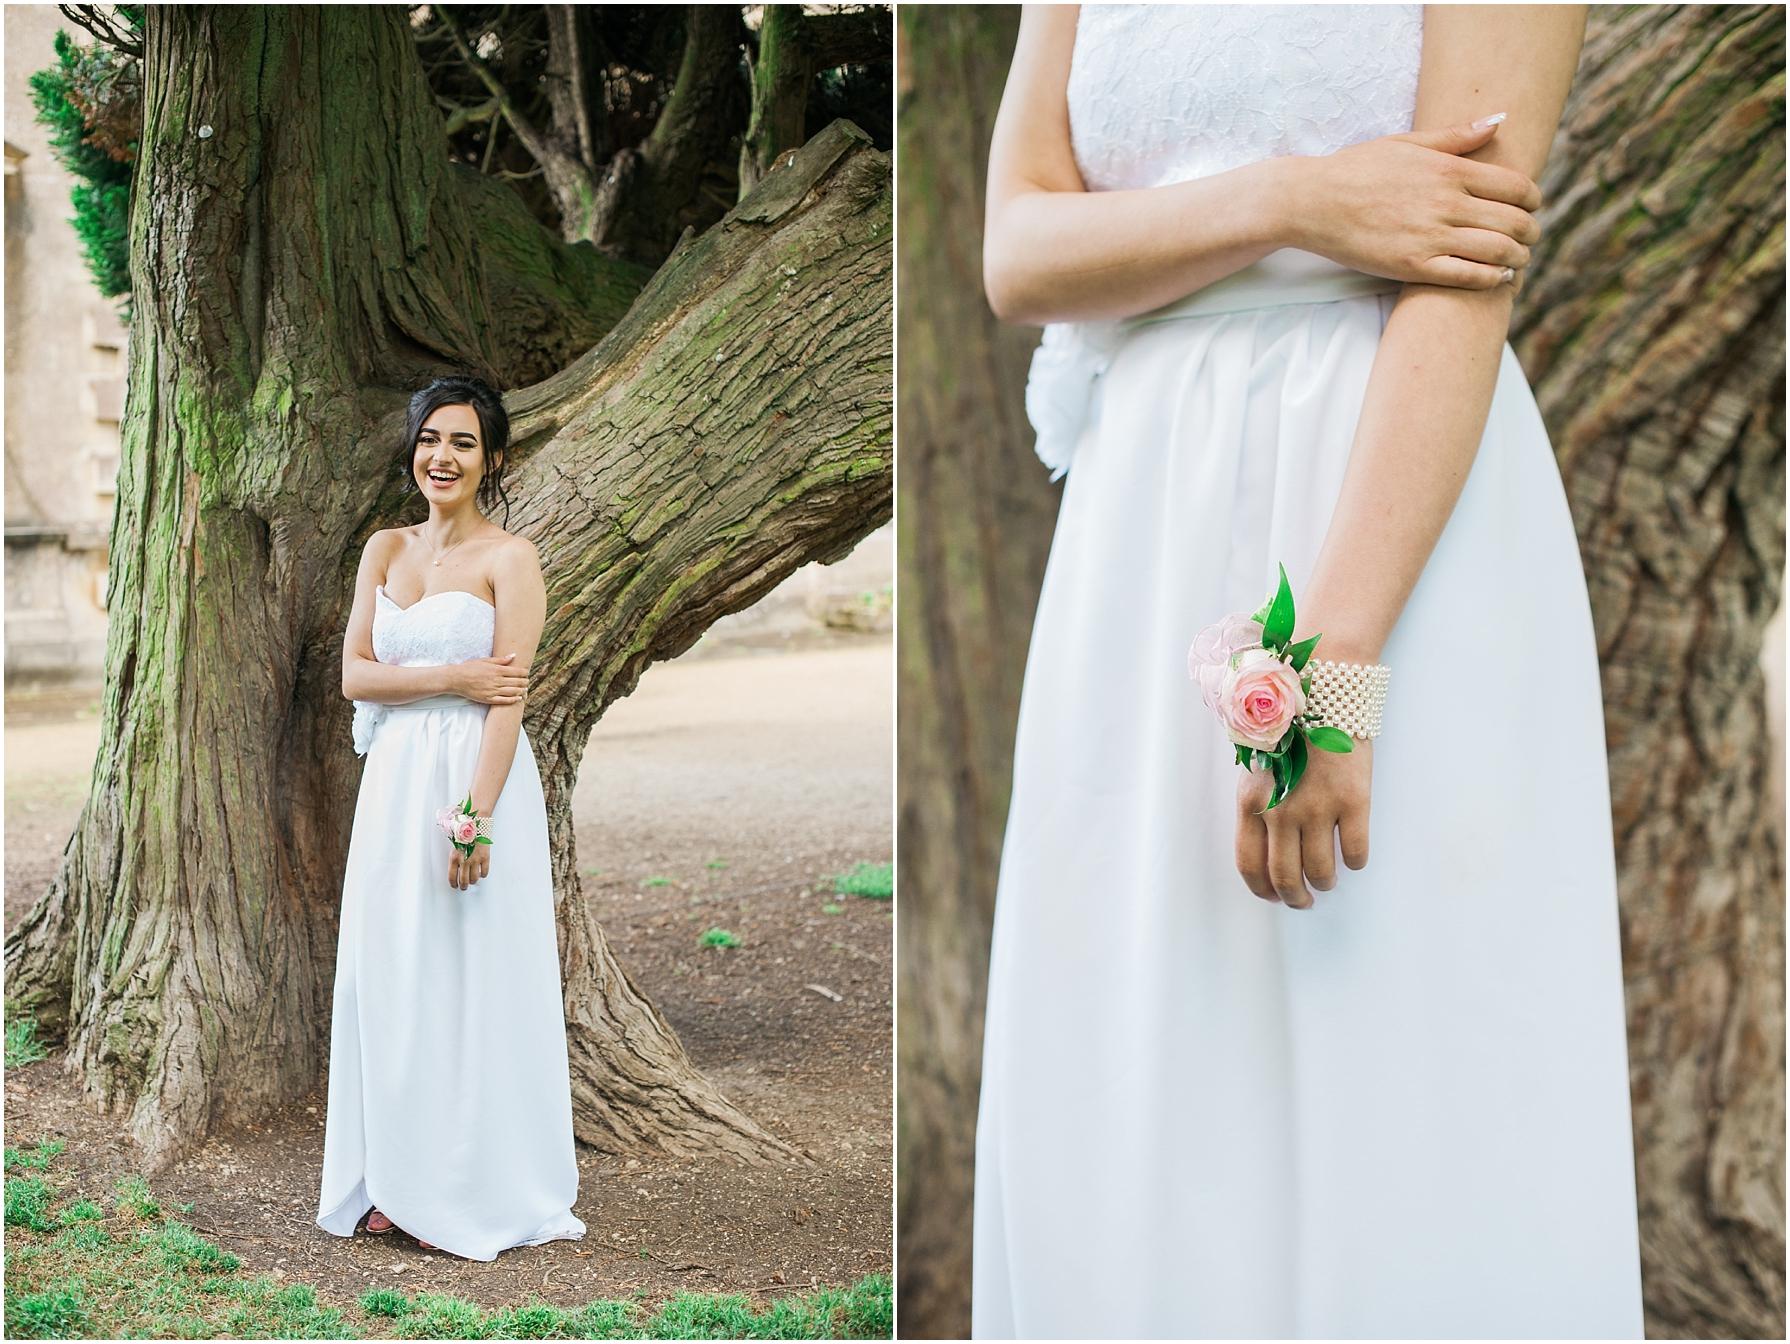 brunette girl wearing along white prom dress